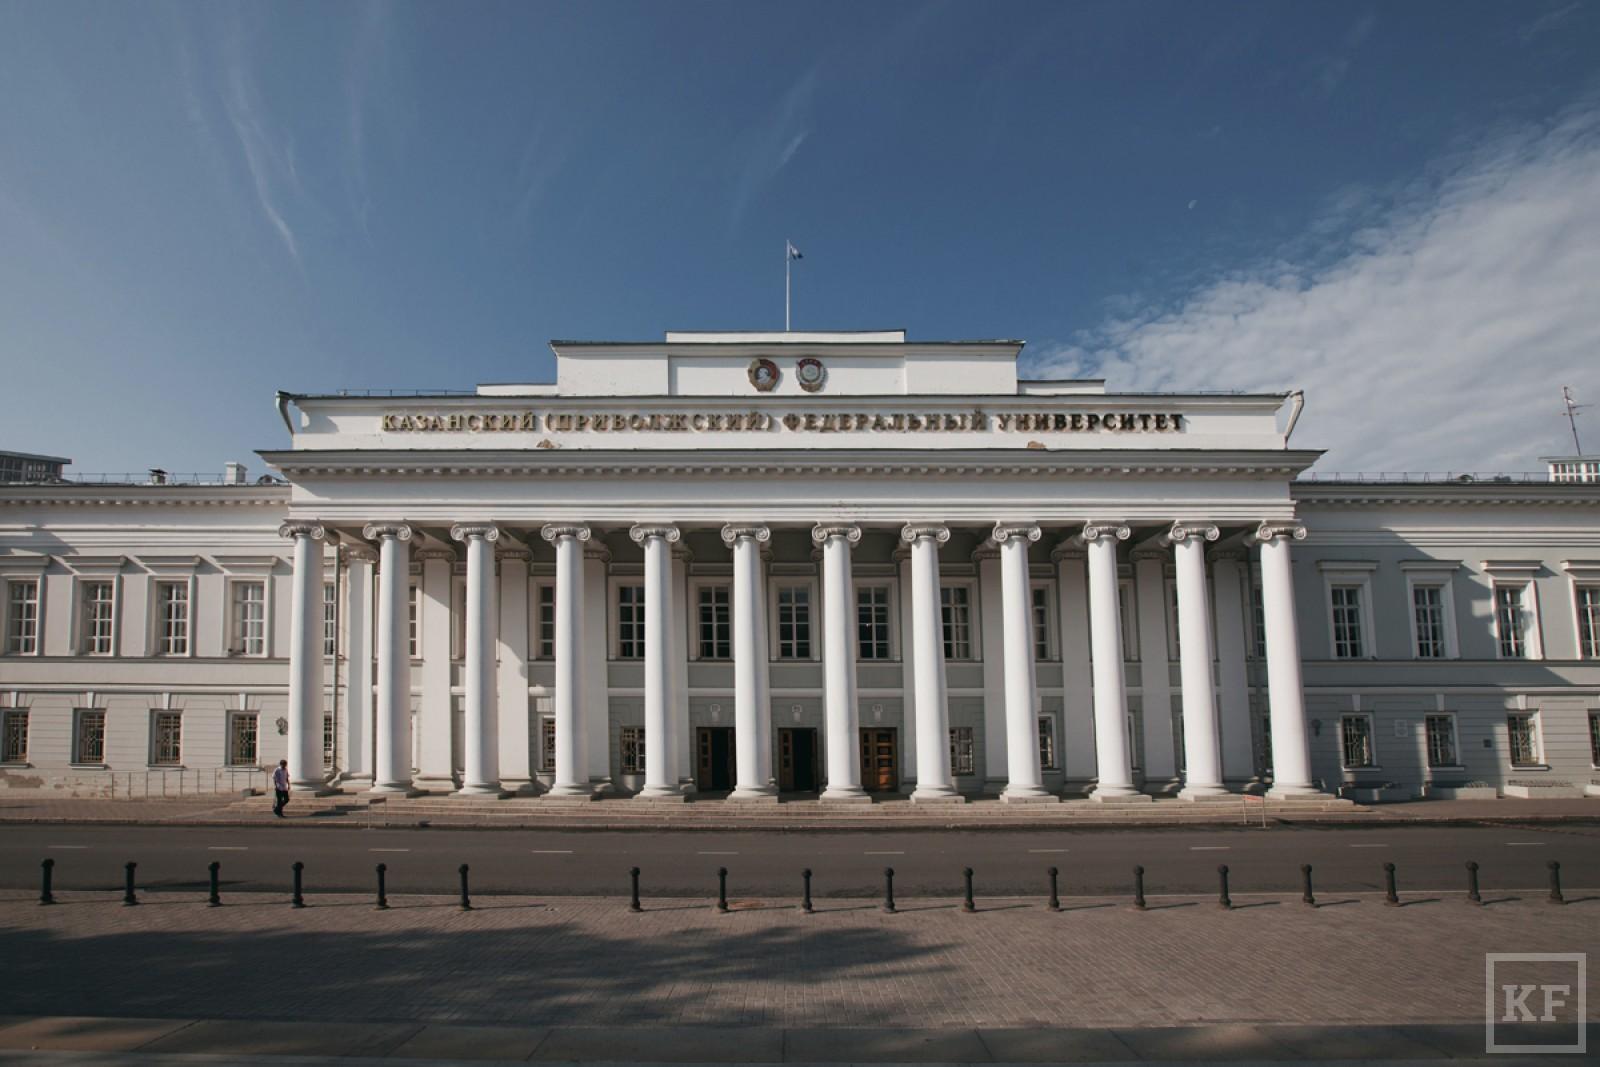 Казанский (Приволжский) федеральный университет